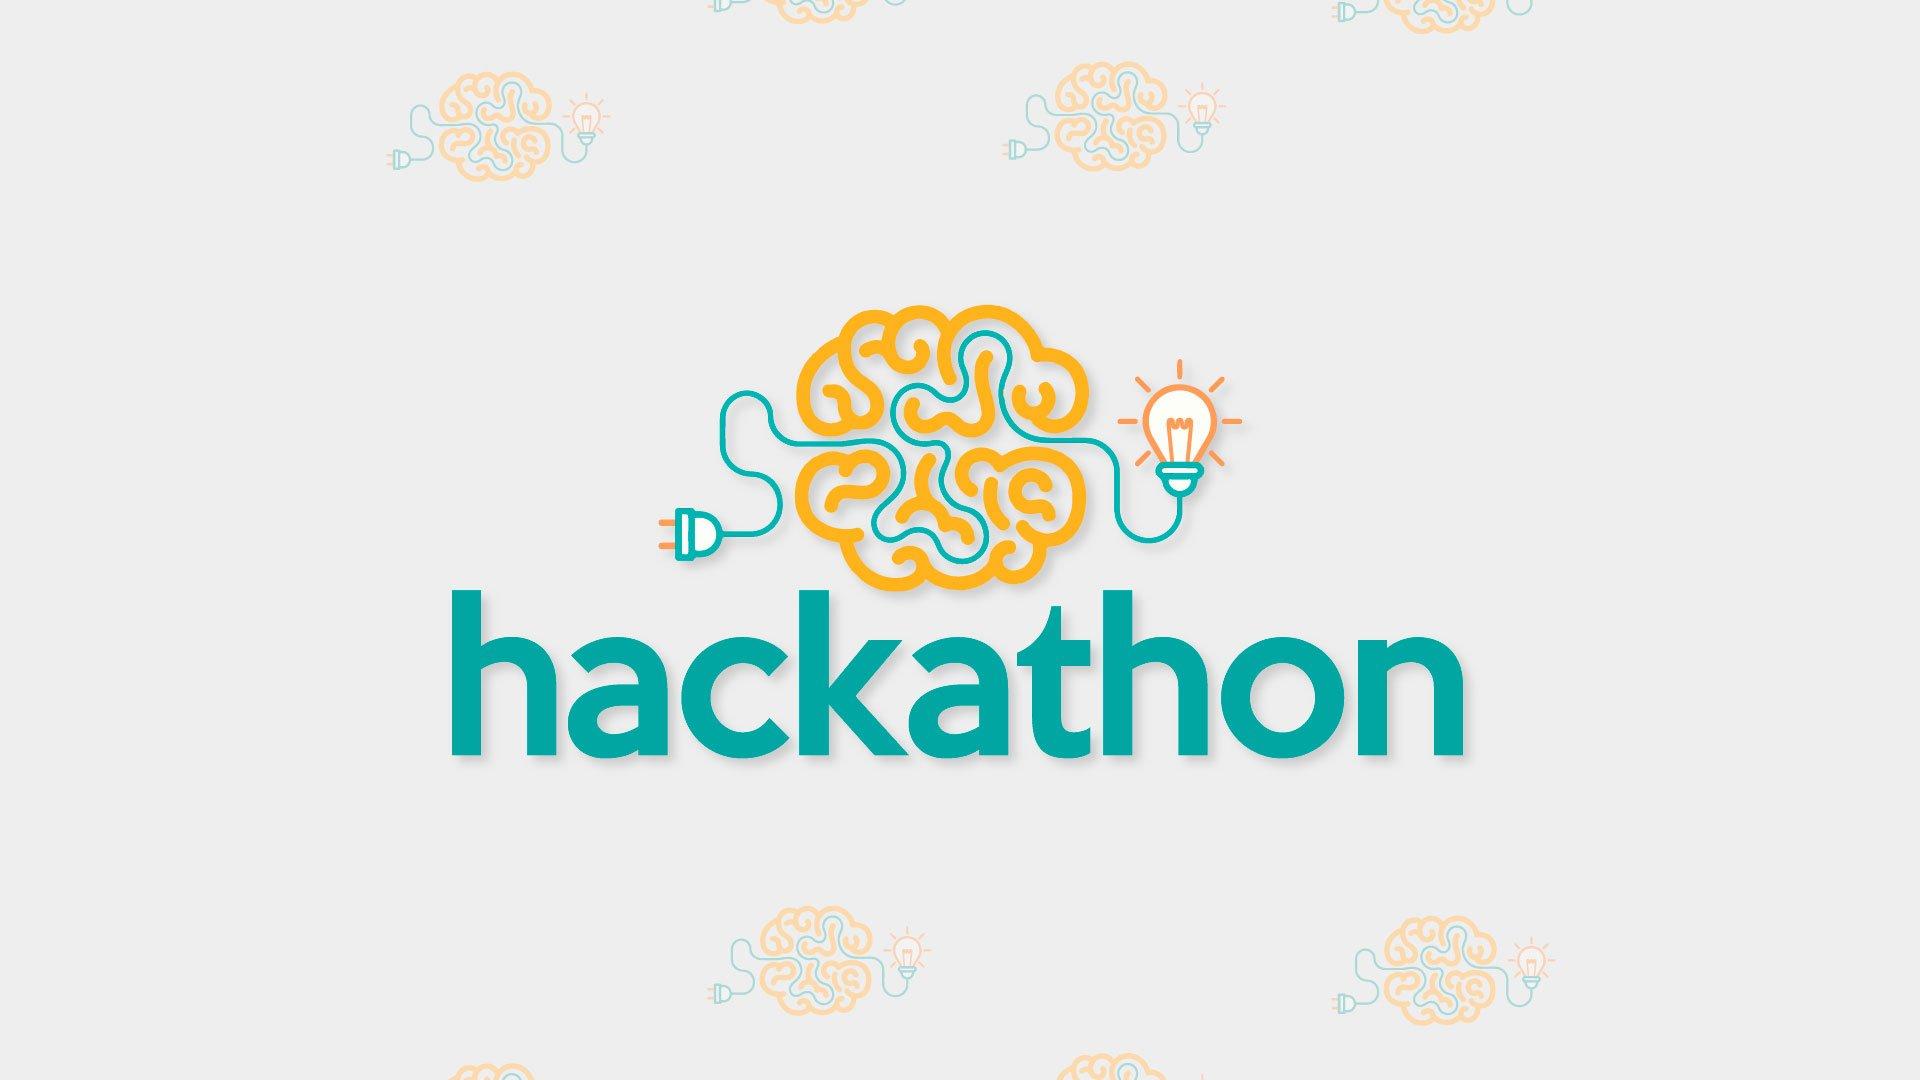 hackathon-fundo2